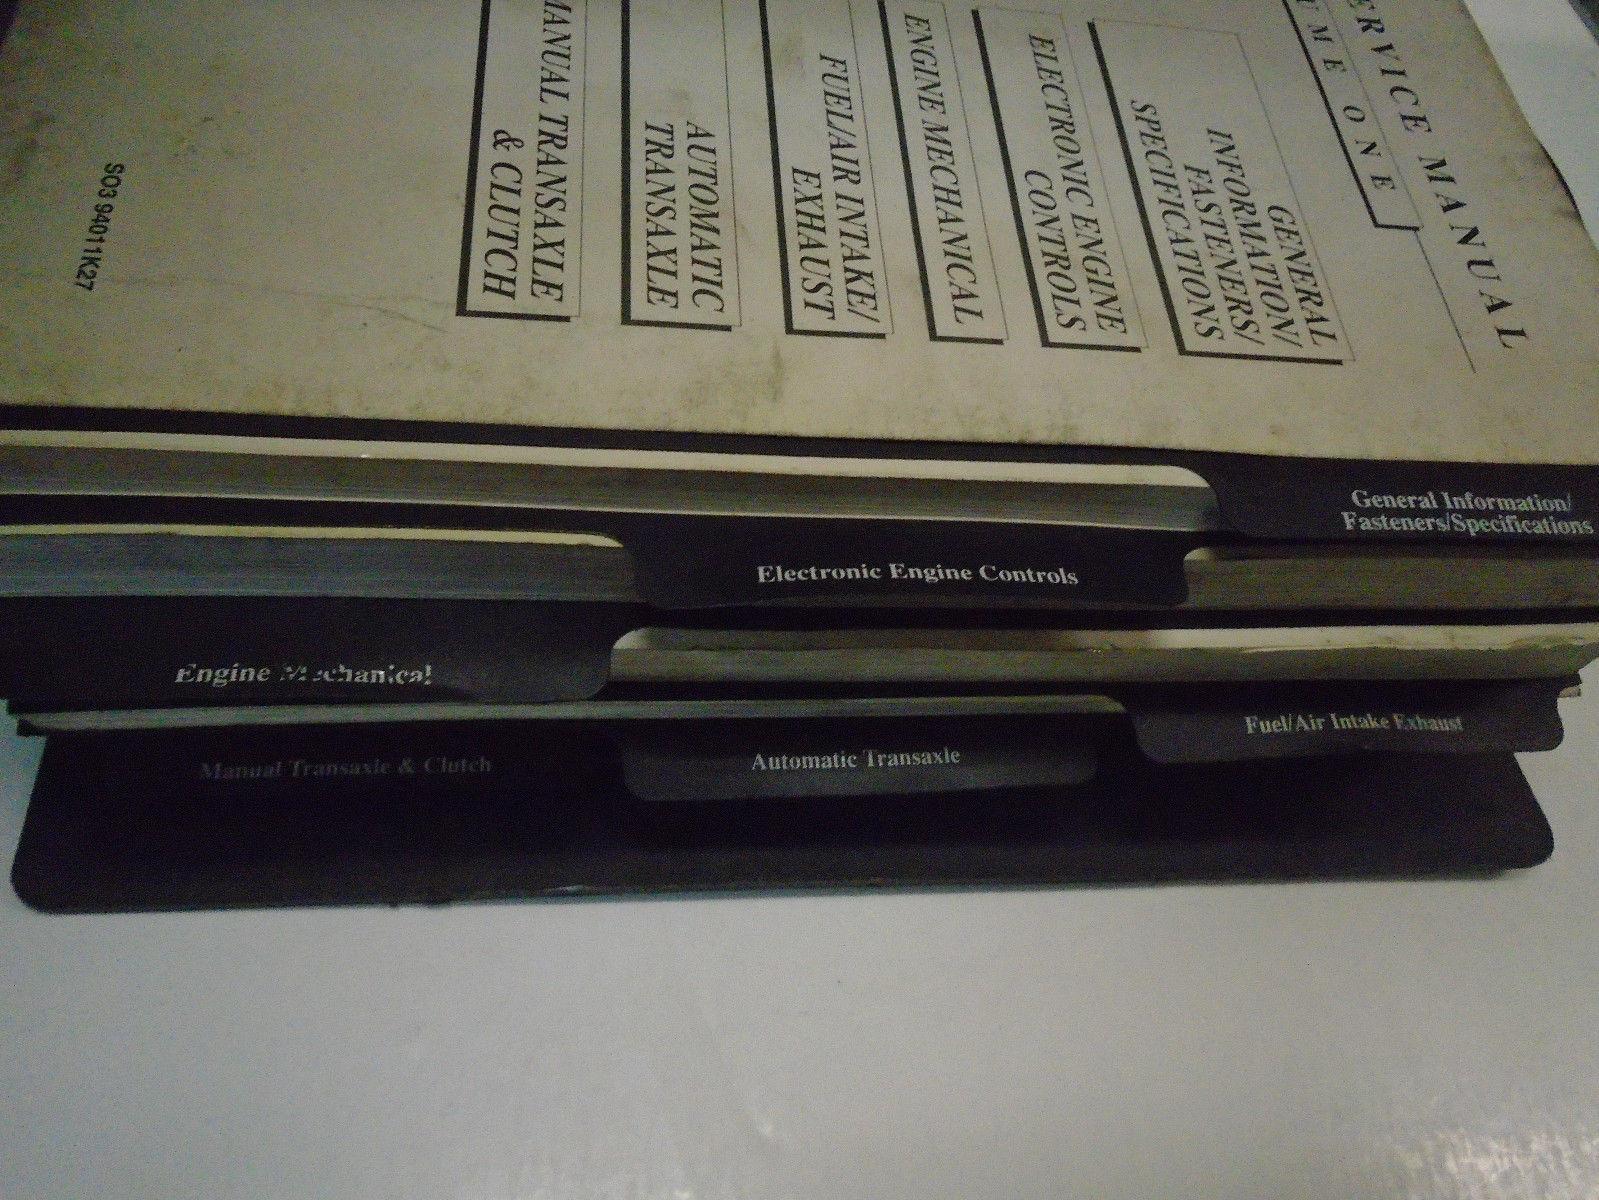 1991 1992 1993 1994 SATURN Service Shop Repair Manual OEM FACTORY 3 Volume Set